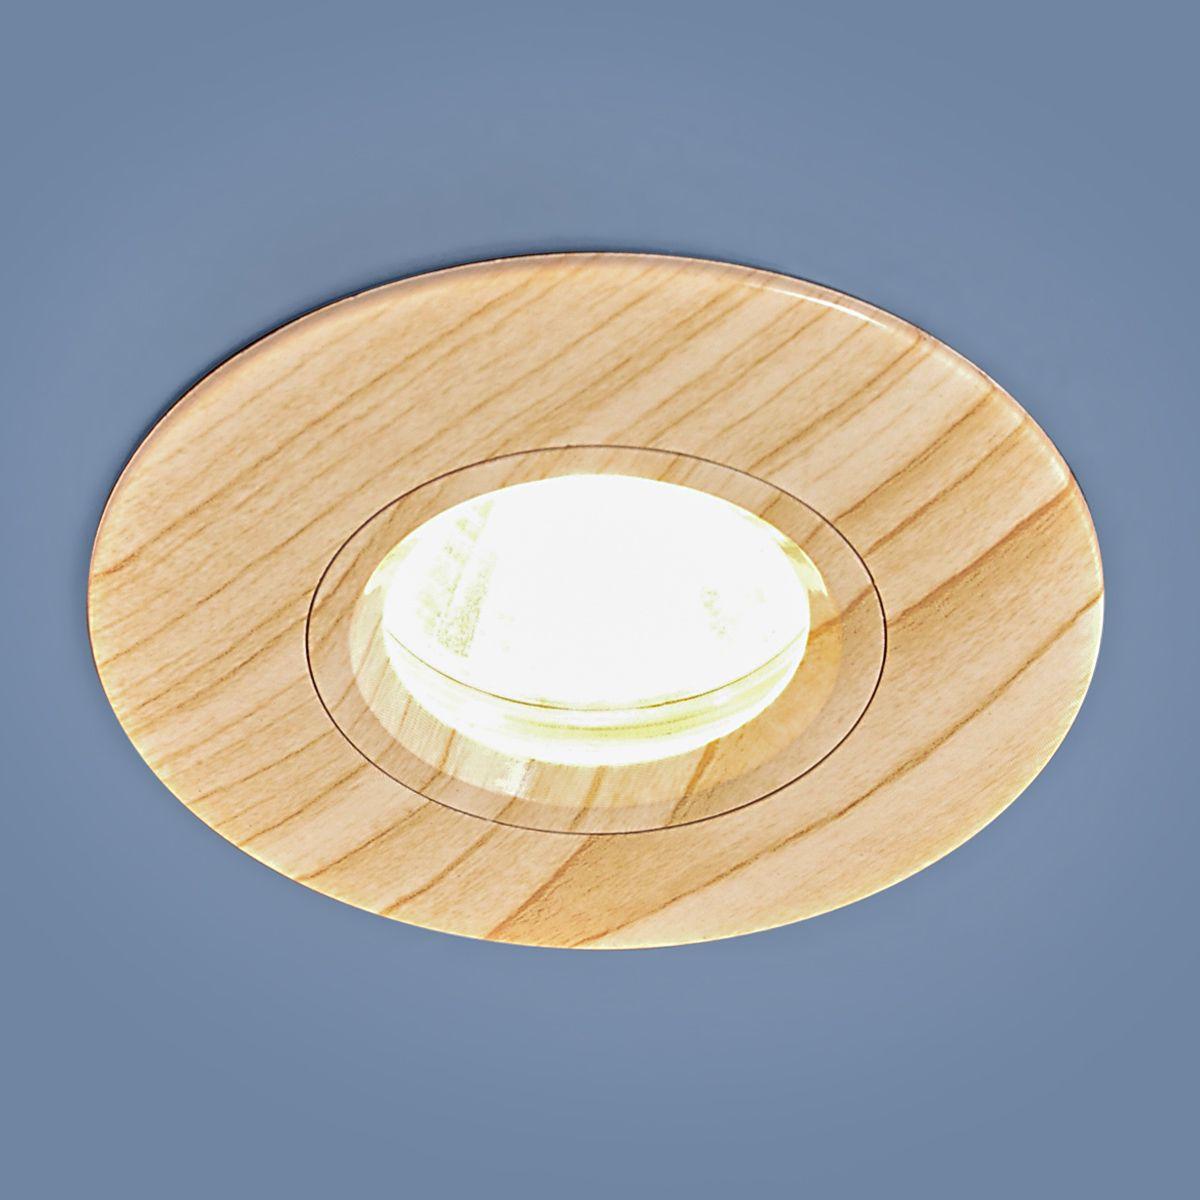 Встраиваемый точечный светильник 108 MR16 BG беленый дуб